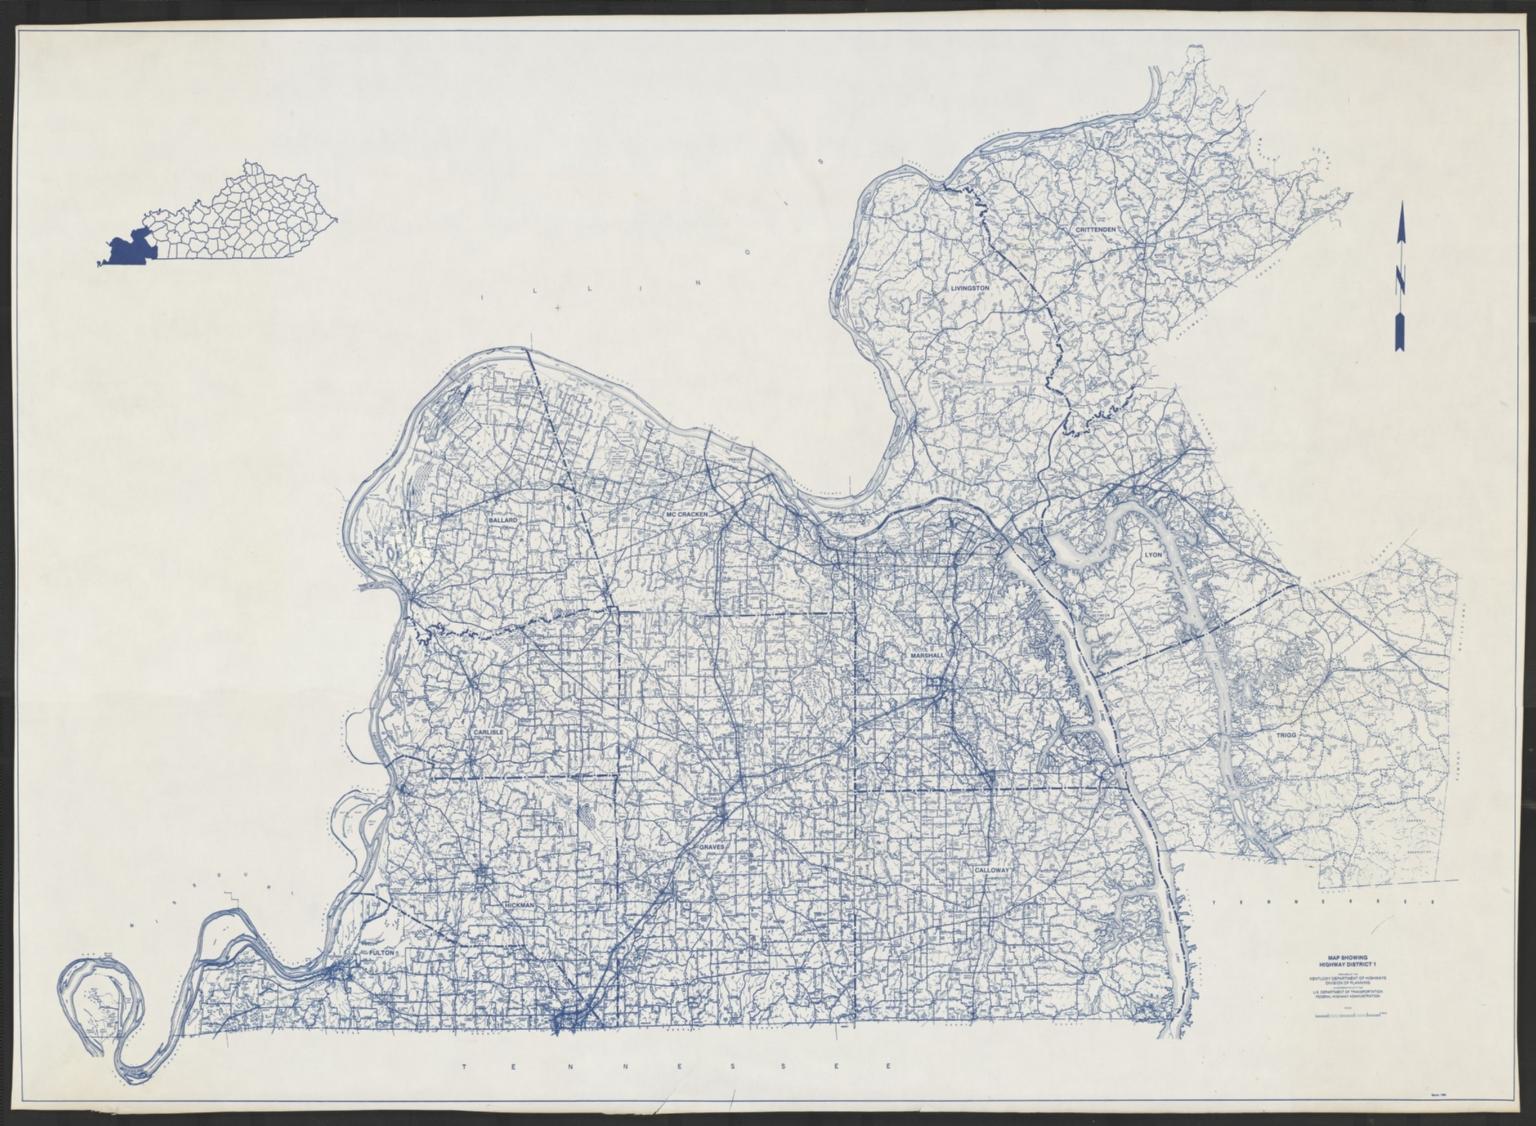 Kentucky Highway District 1